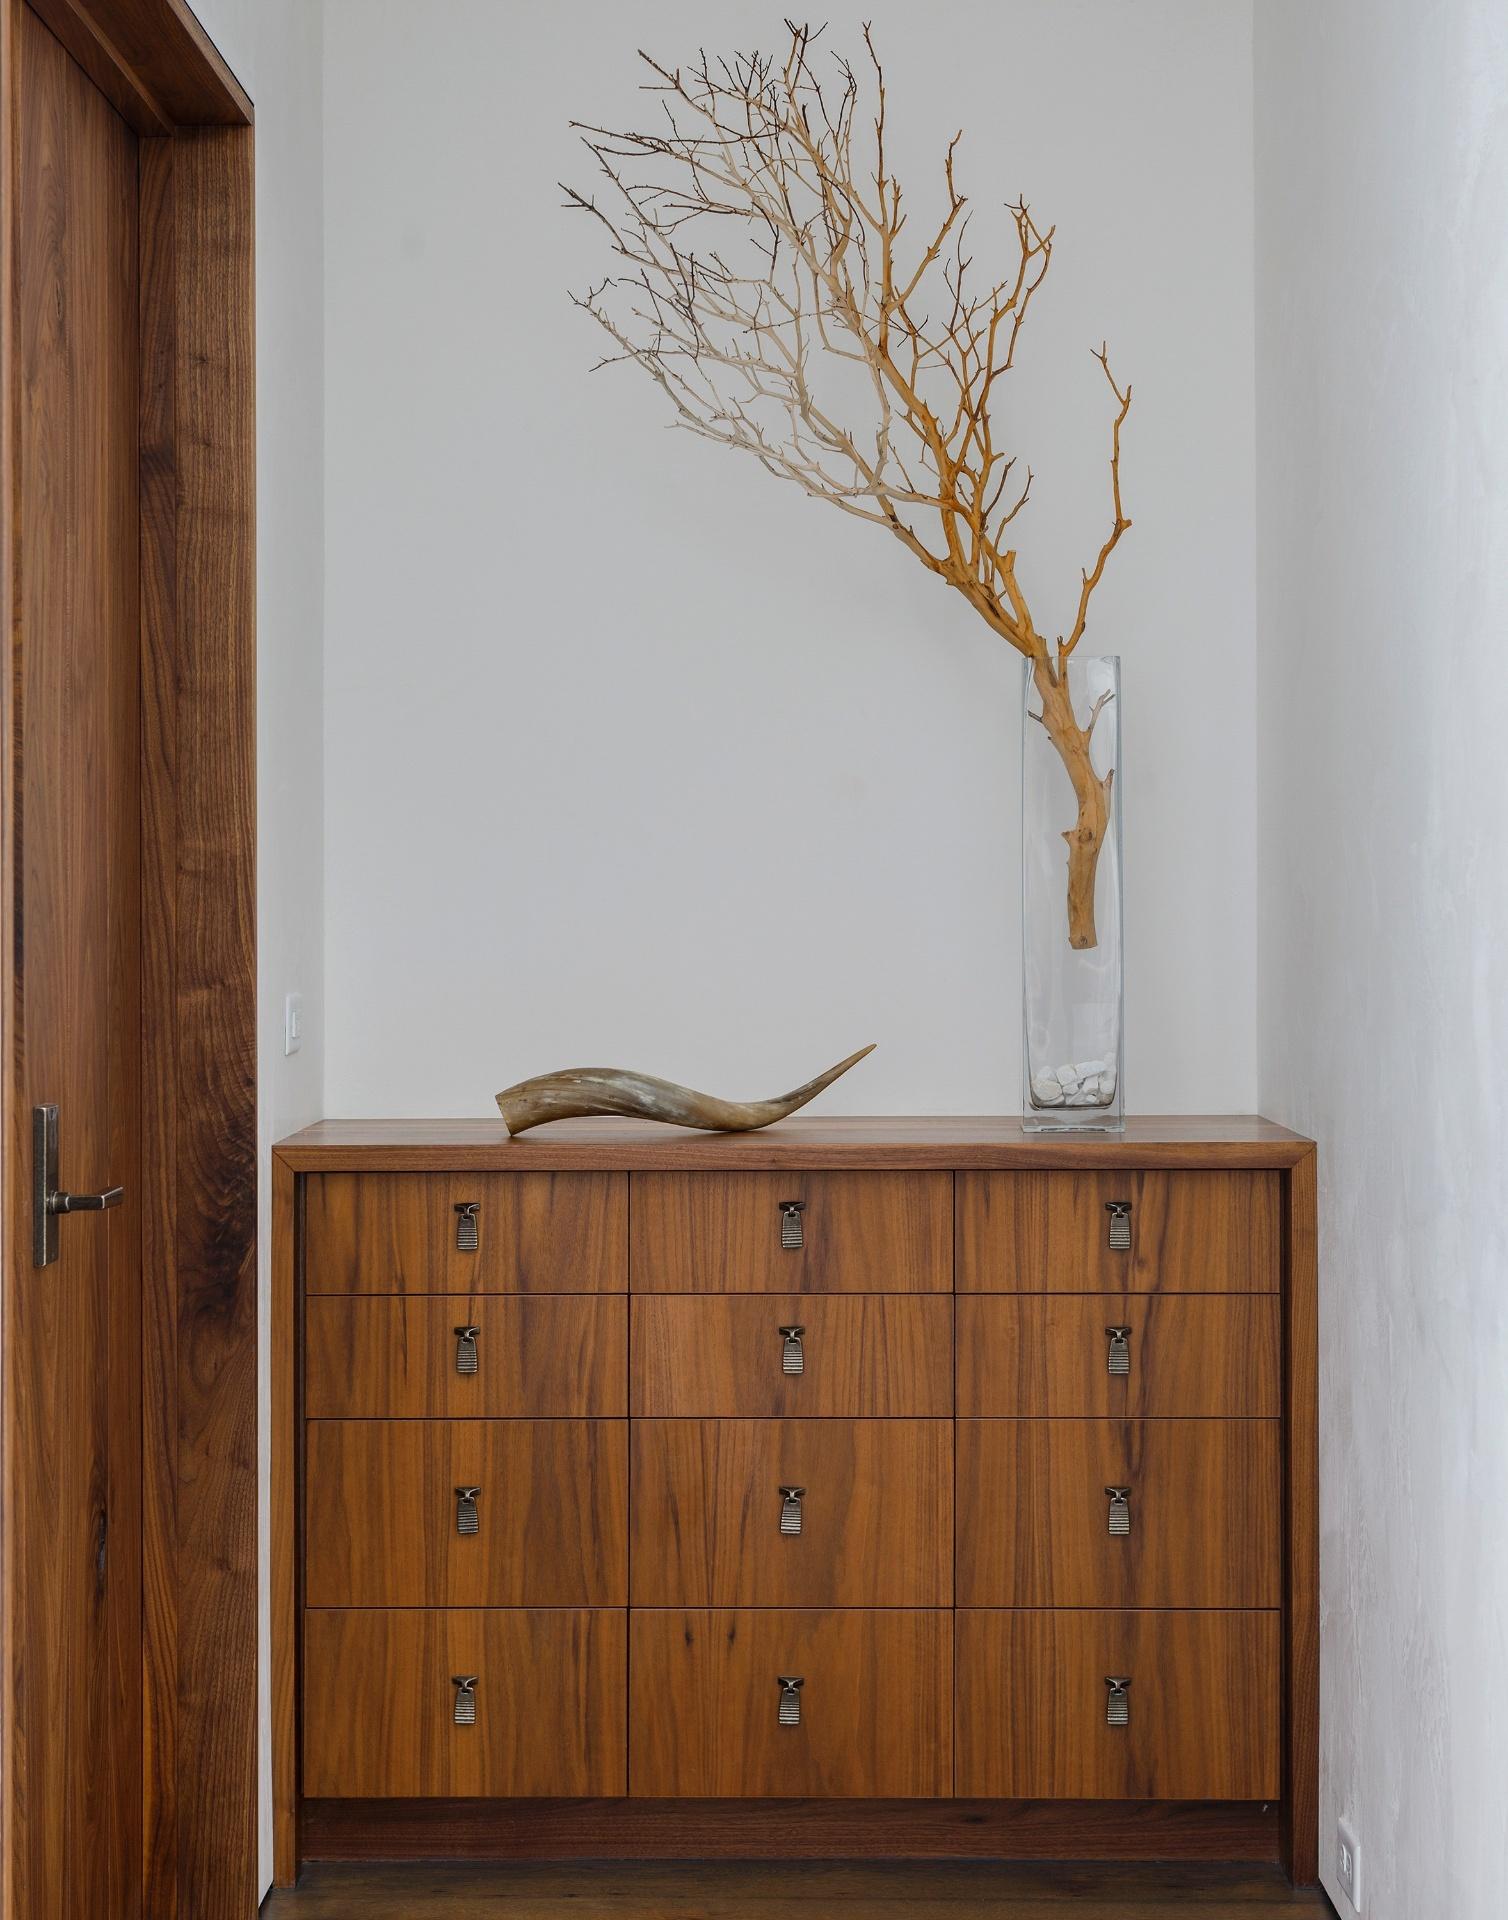 Uma cômoda organiza alguns pertences dos moradores na suíte máster. O móvel é decorado com um galho e um chifre e segue o estilo geral visto na residência (Imagem do NYT, usar apenas no respectivo material)